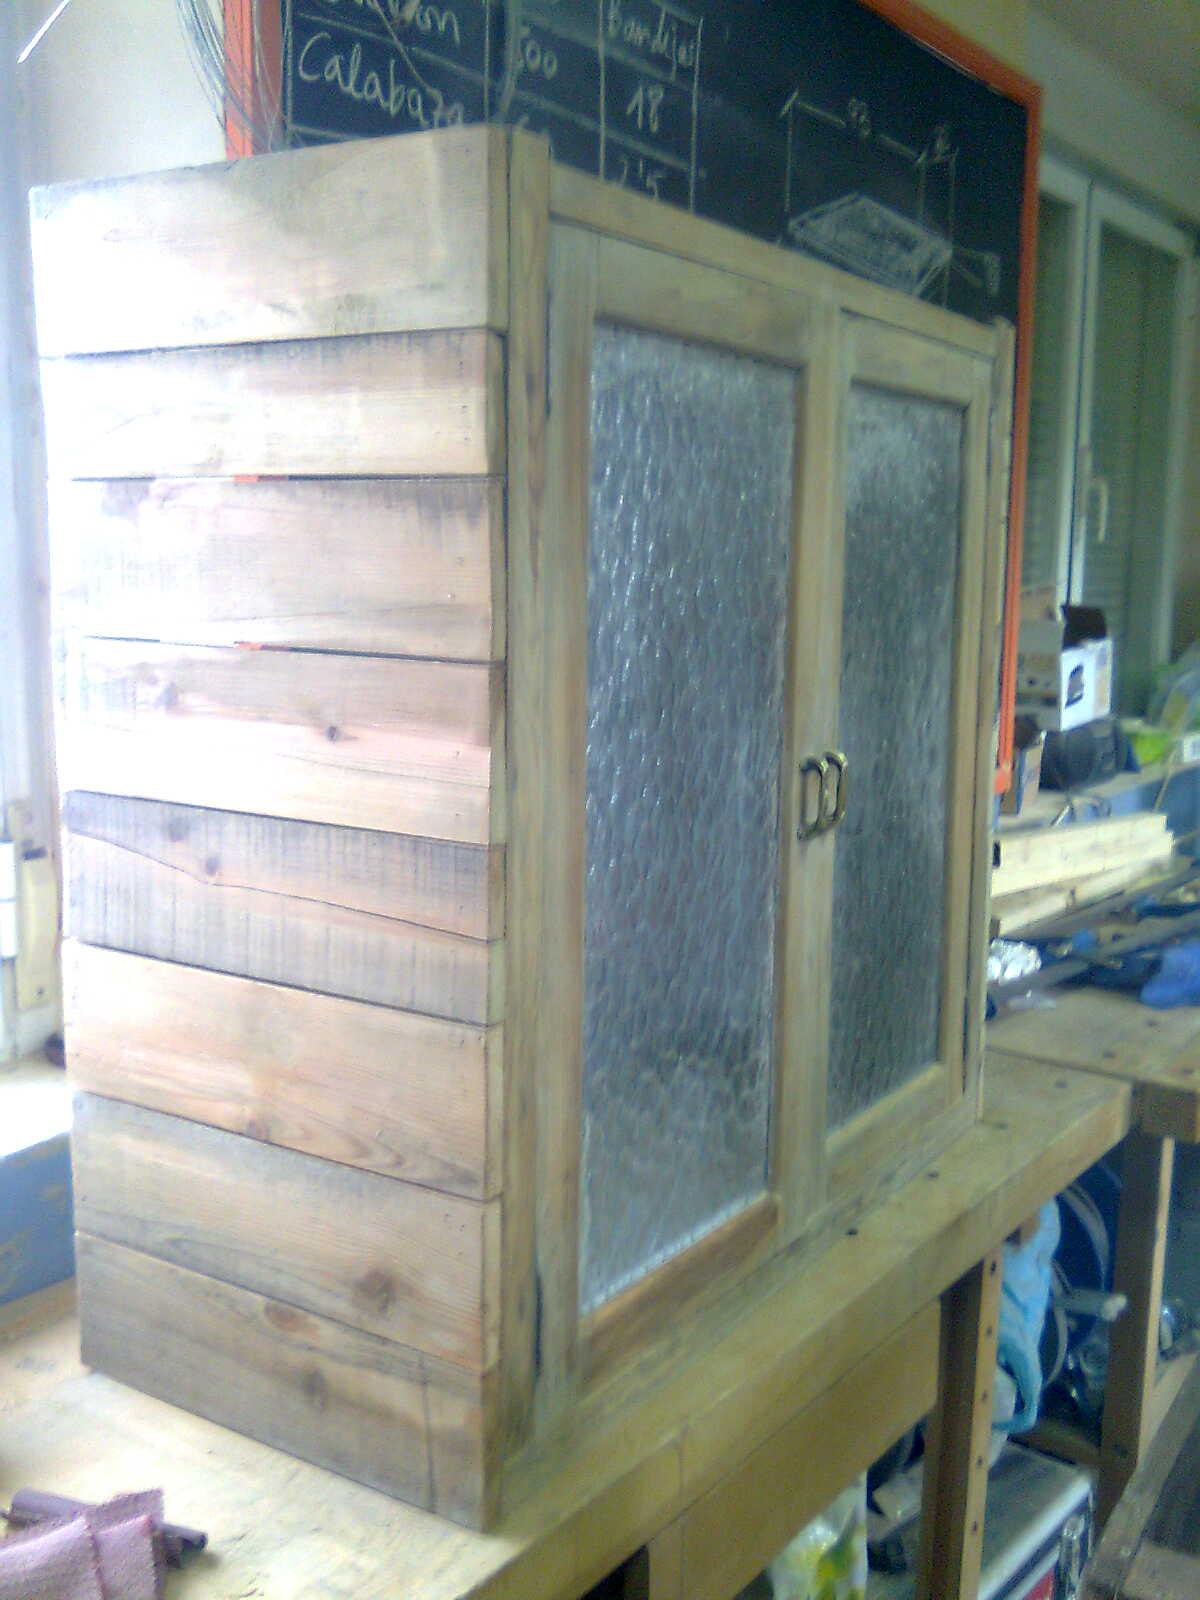 Apafam nuestra tienda muebles a medida con madera reciclada for Catalogo de muebles de madera para el hogar pdf